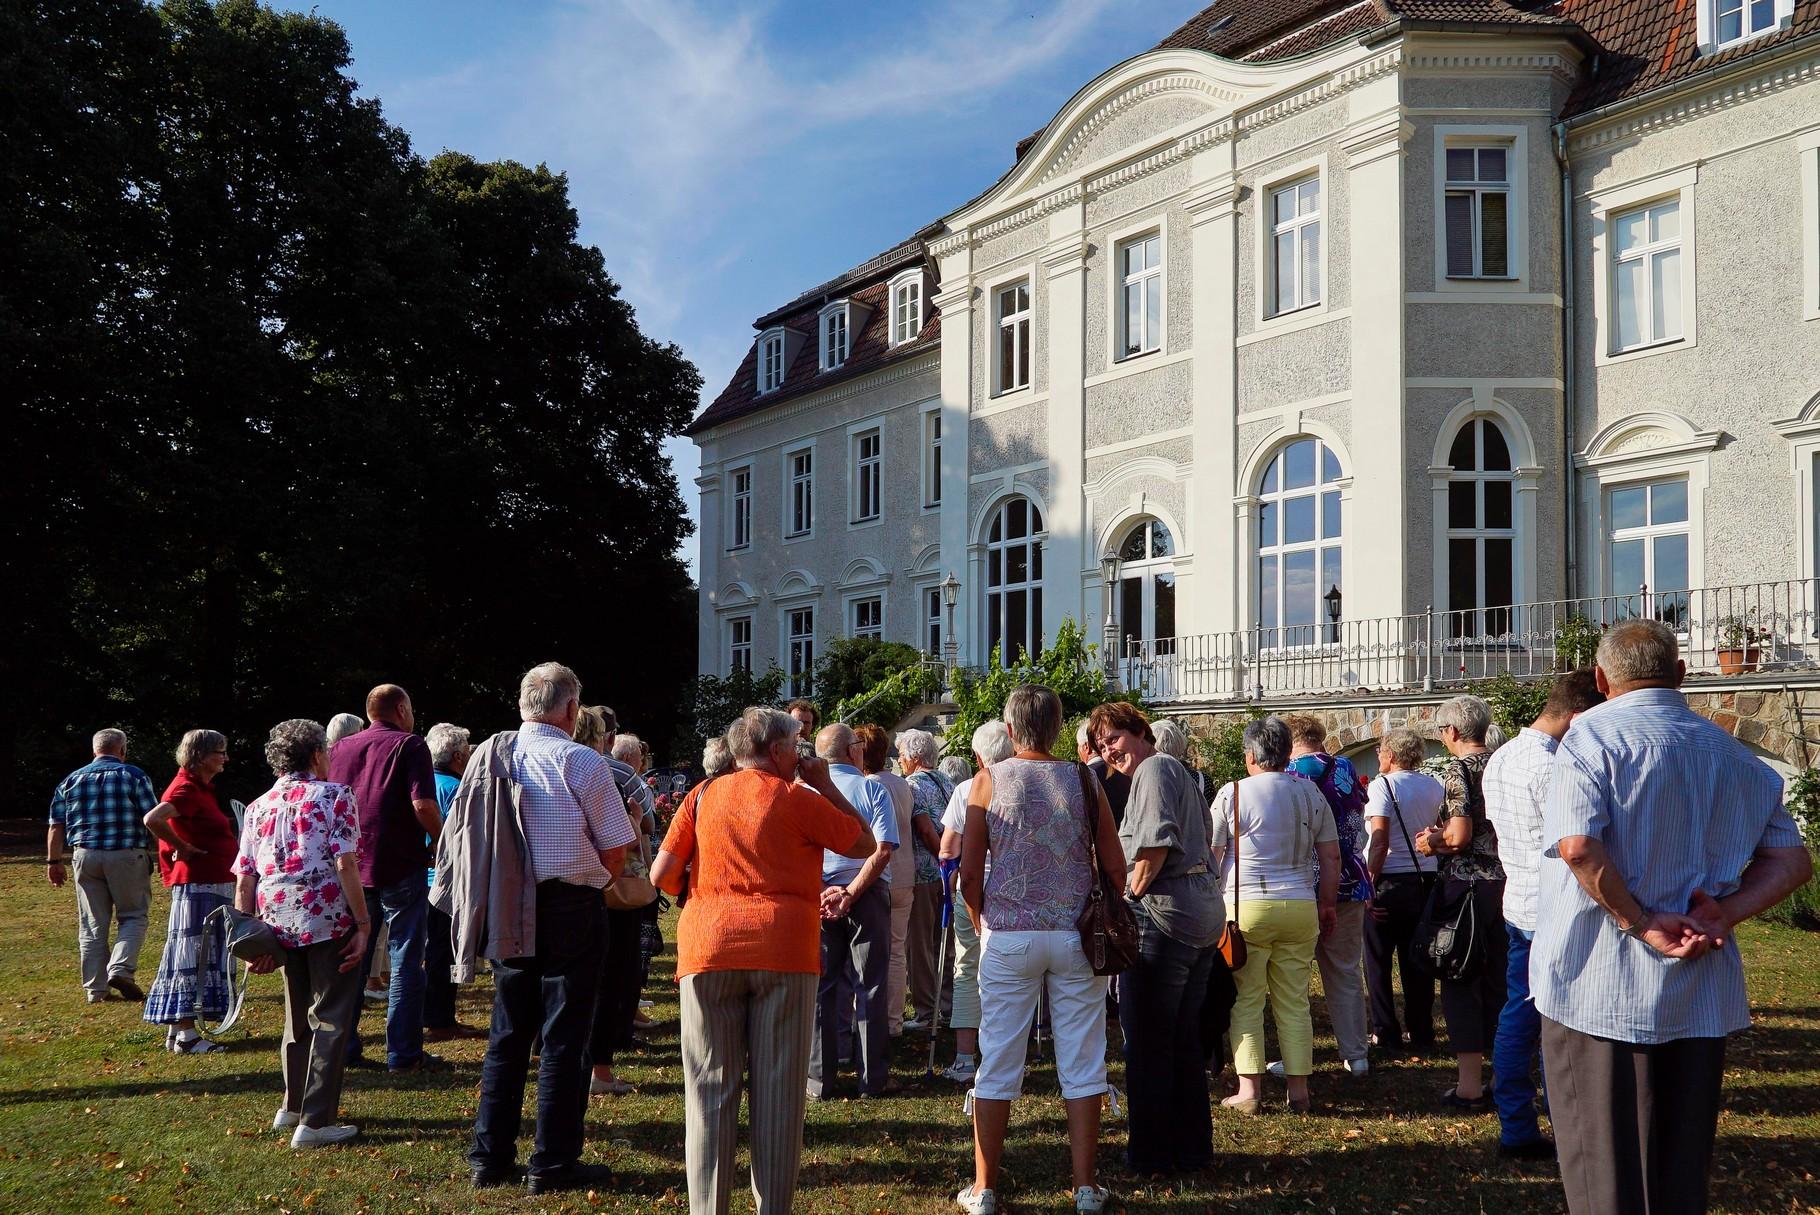 während die anderen noch den Gutspark mit dem Herrenhaus besichtigten.